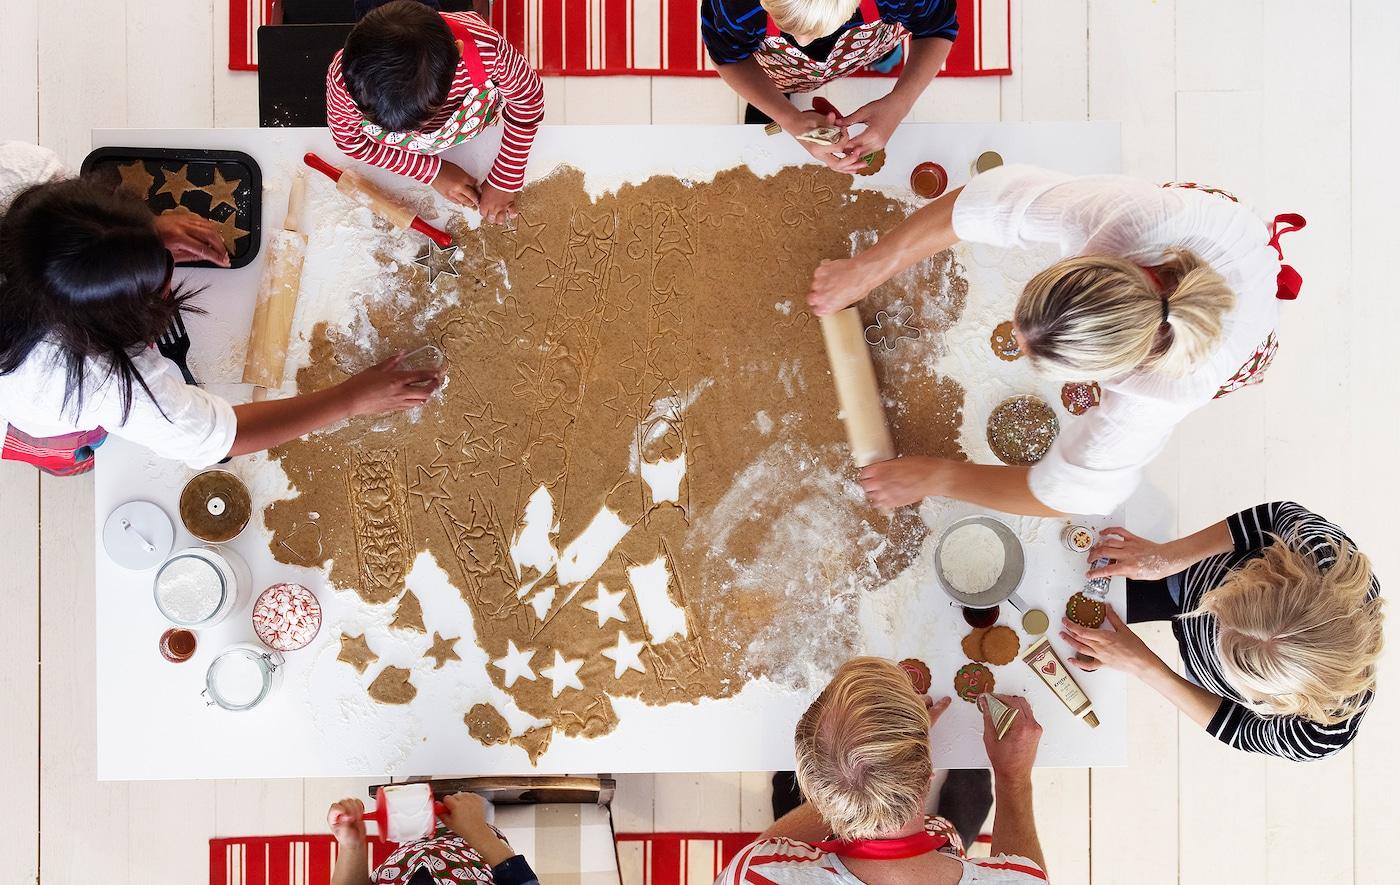 Grupa dece i odraslih usred pečenja kolača od đumbira, koje se odvija oko velikog sloja testa na kuhinjskom stolu.